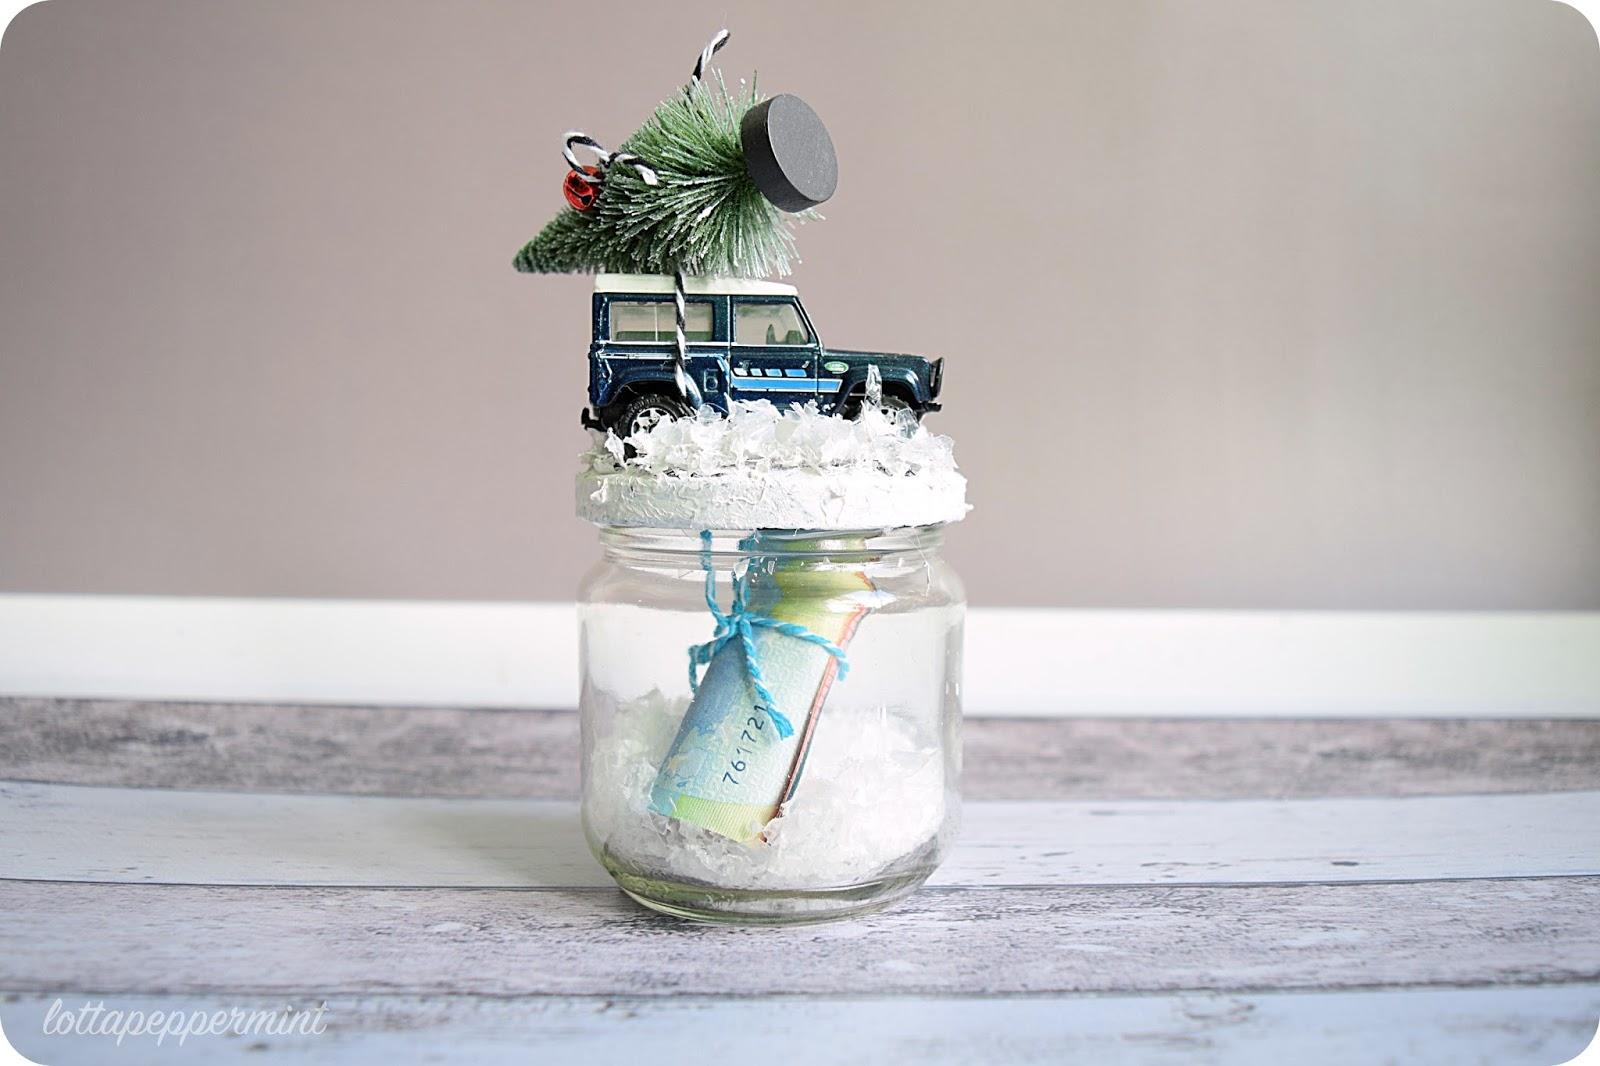 lottapeppermint winter jeep auf glas ein geldgeschenk diy. Black Bedroom Furniture Sets. Home Design Ideas